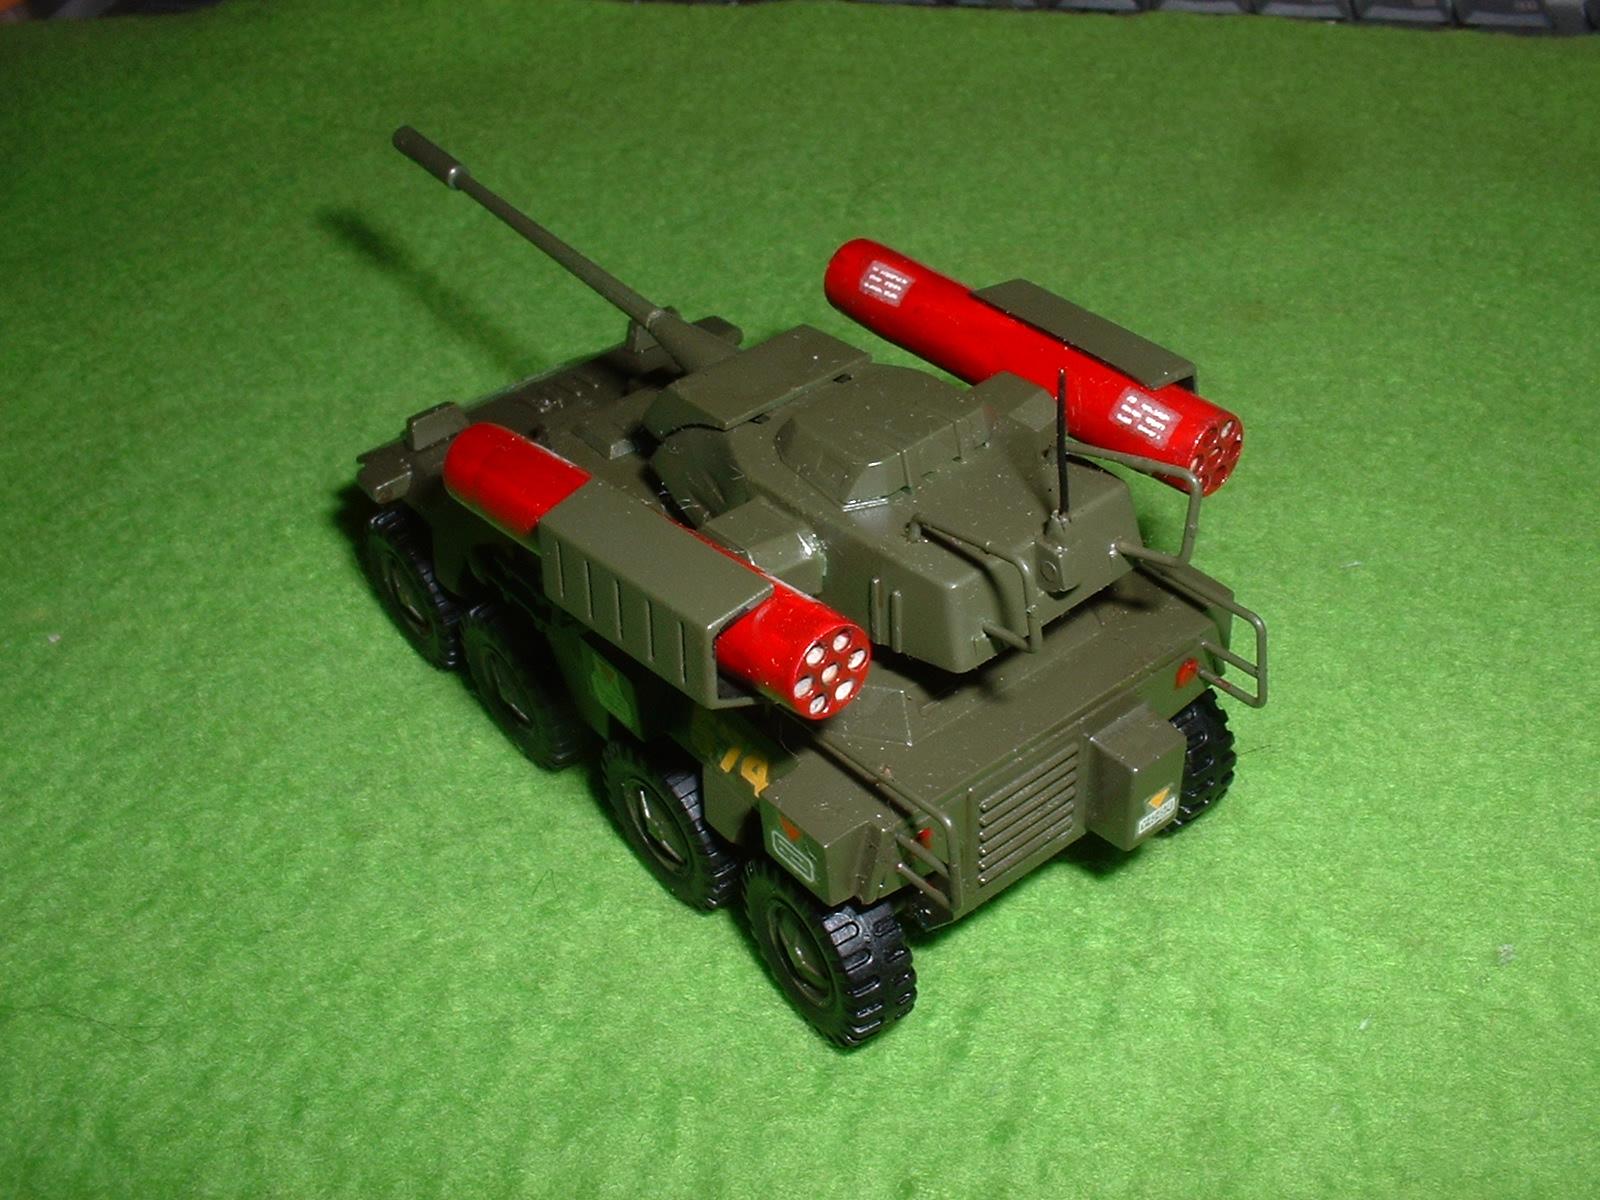 タカラ「インステッド8輪 装甲車」その2 Doburoku-TAO.JPG